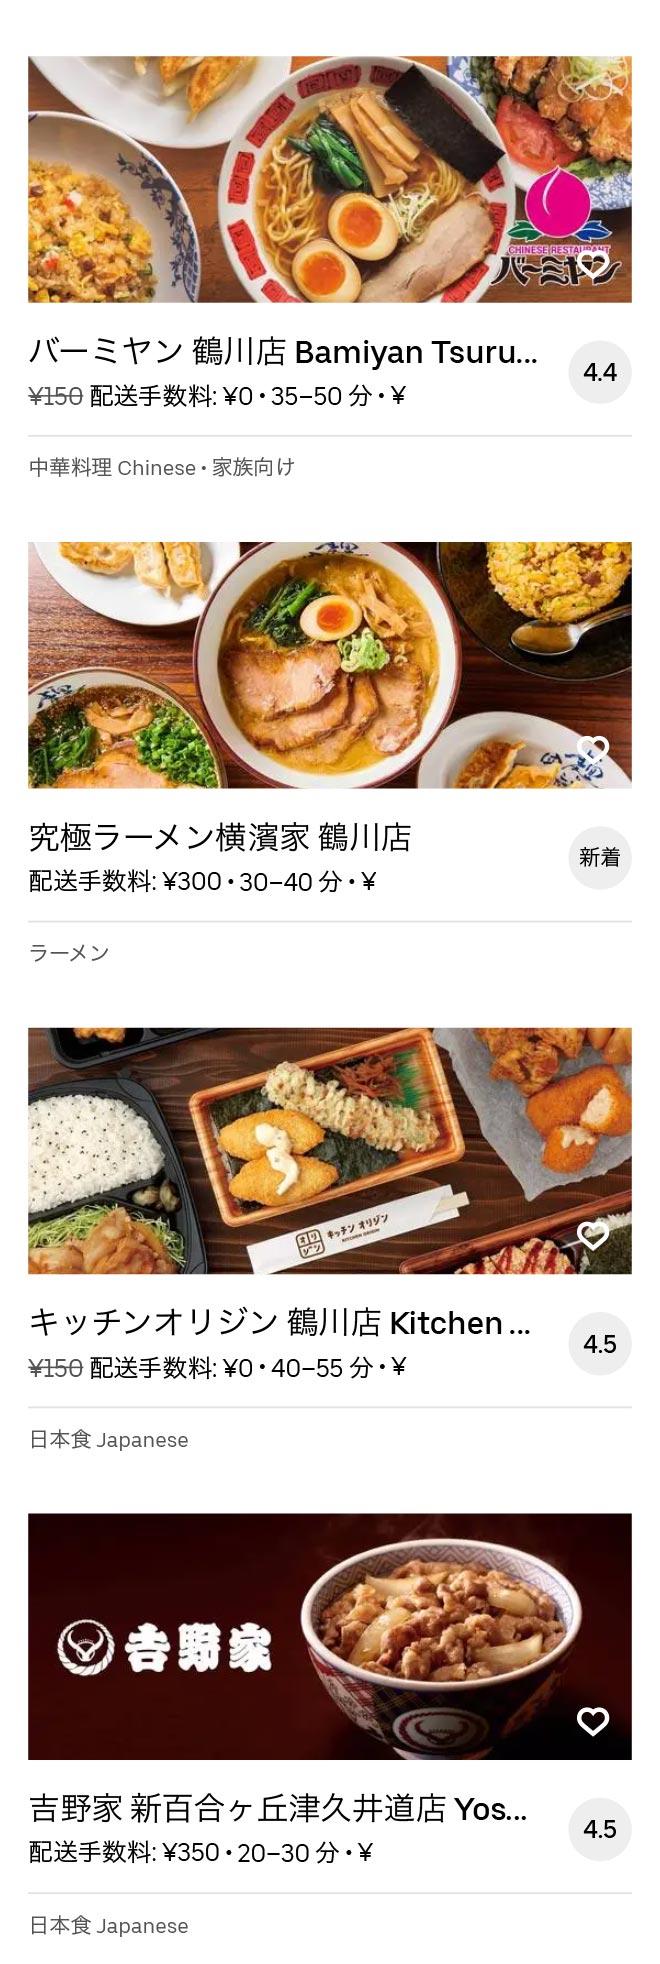 Tsurukawa menu 2010 05